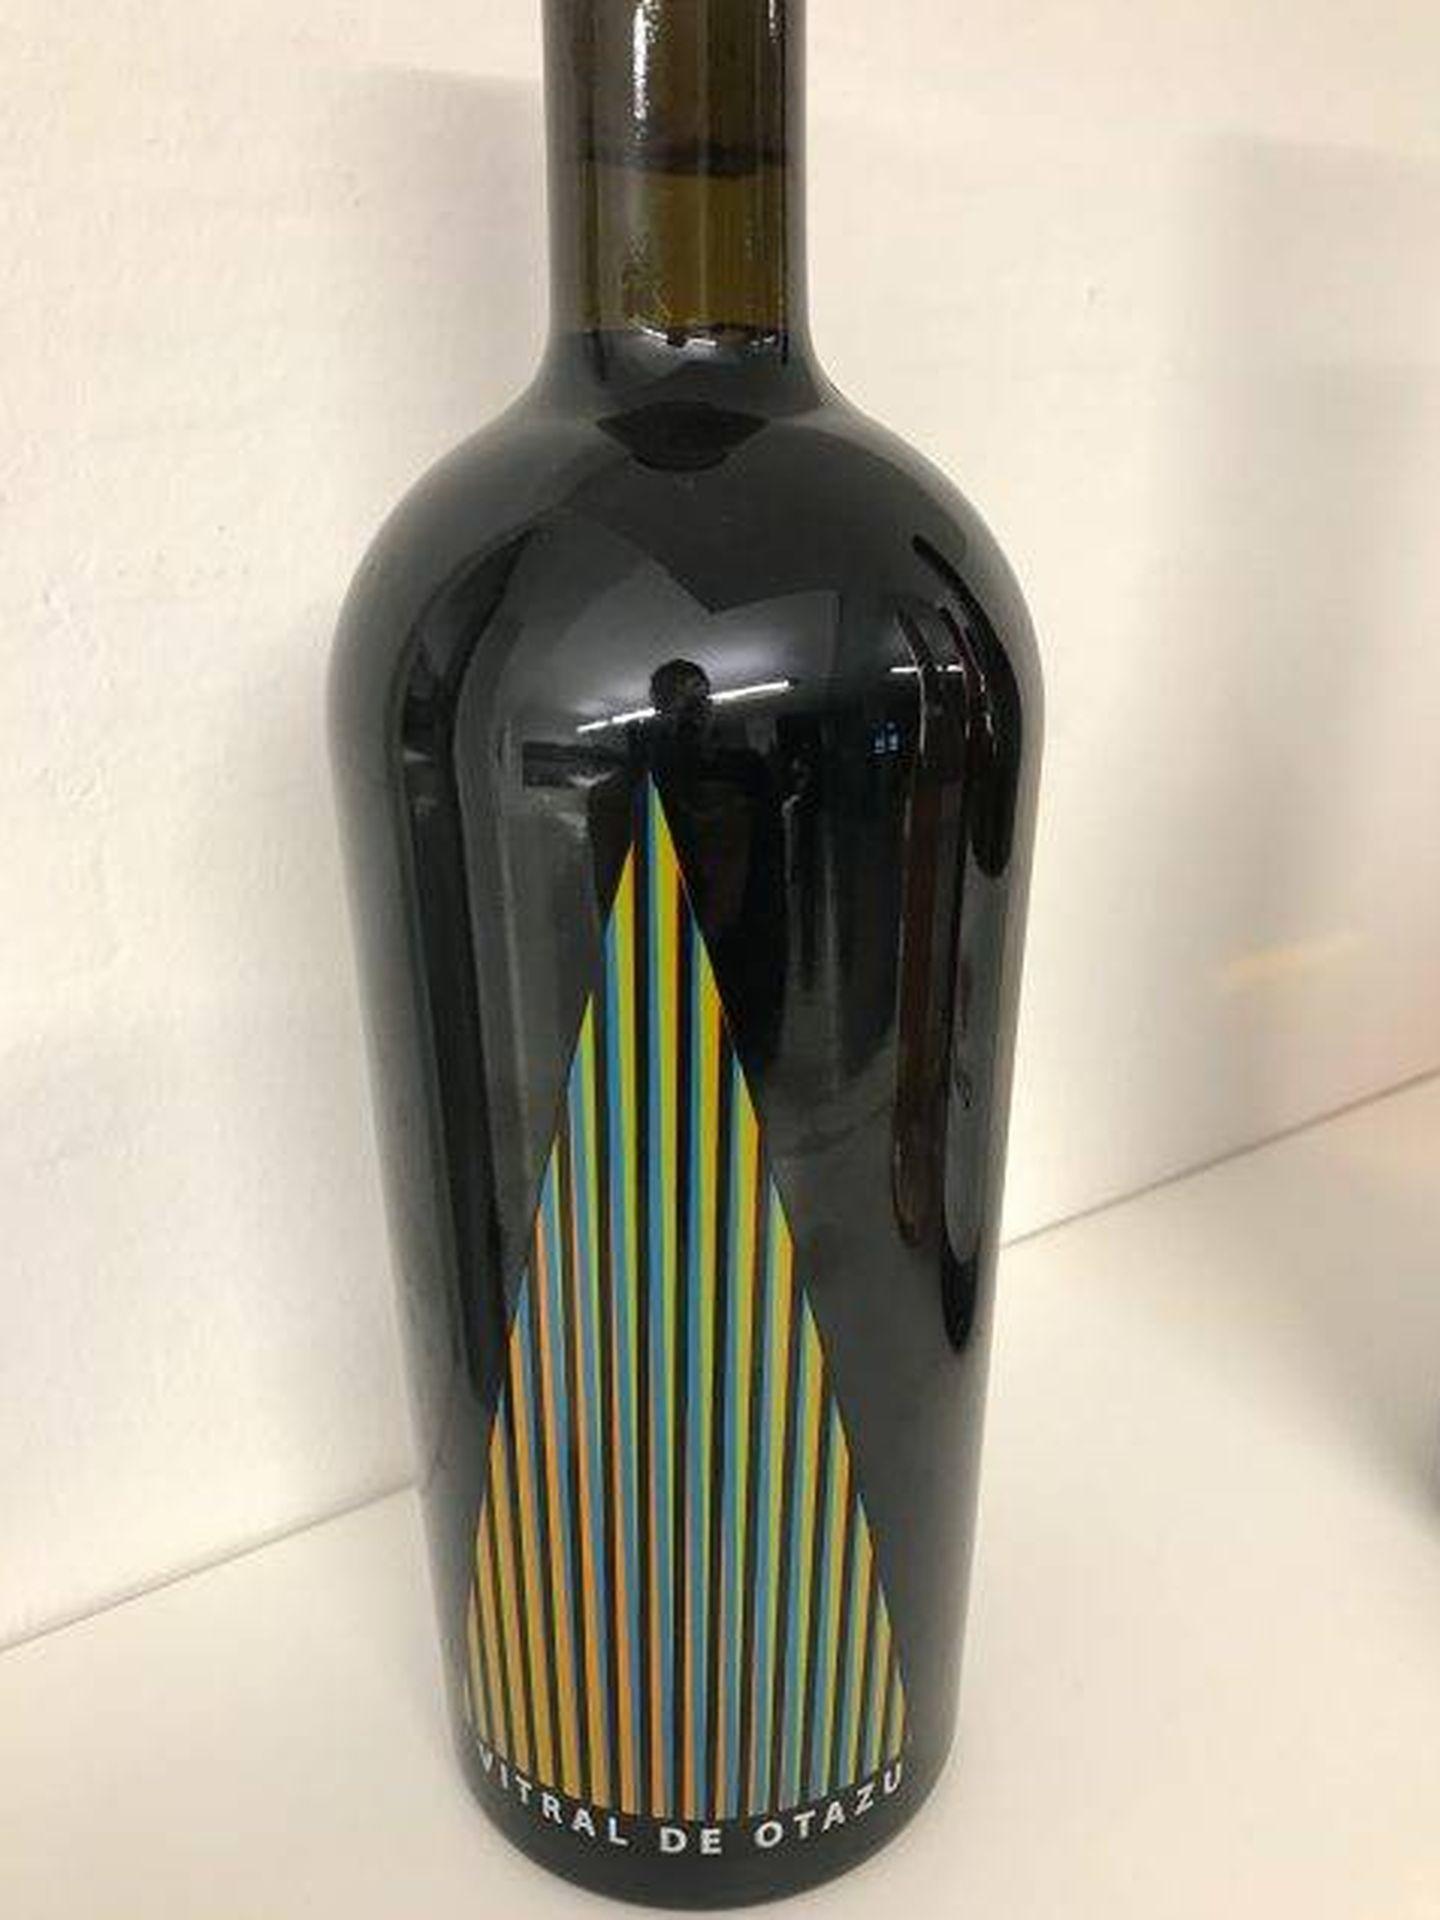 La botella del vino en cuestión.